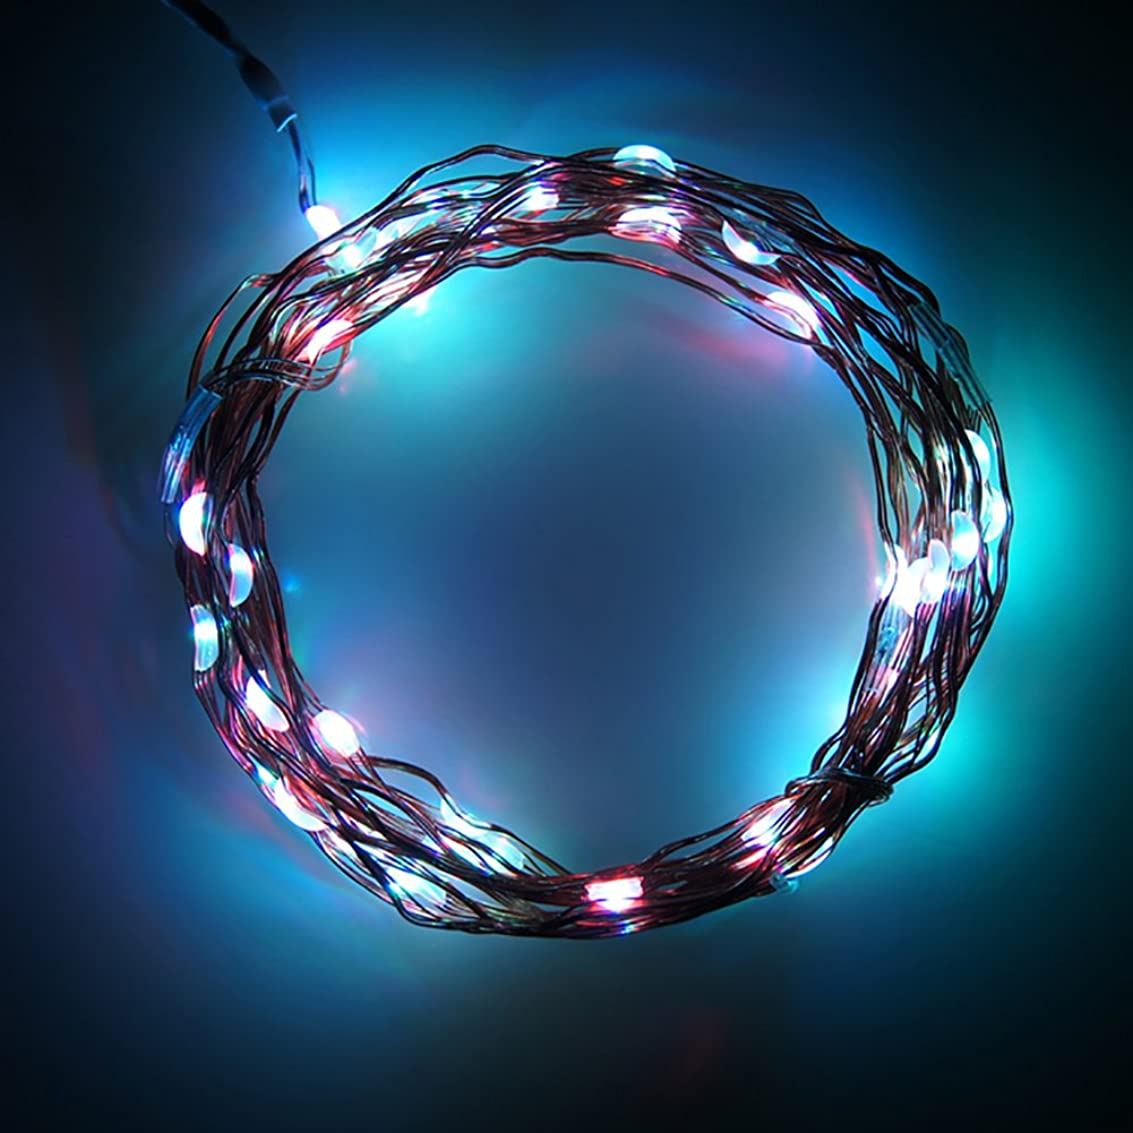 チャネル急流花嫁Ling イルミネーションライト LEDストリングライト 電池式 防水 クリスマス 結婚式 パーティー 飾り (マルチカラー, 2m/20球)